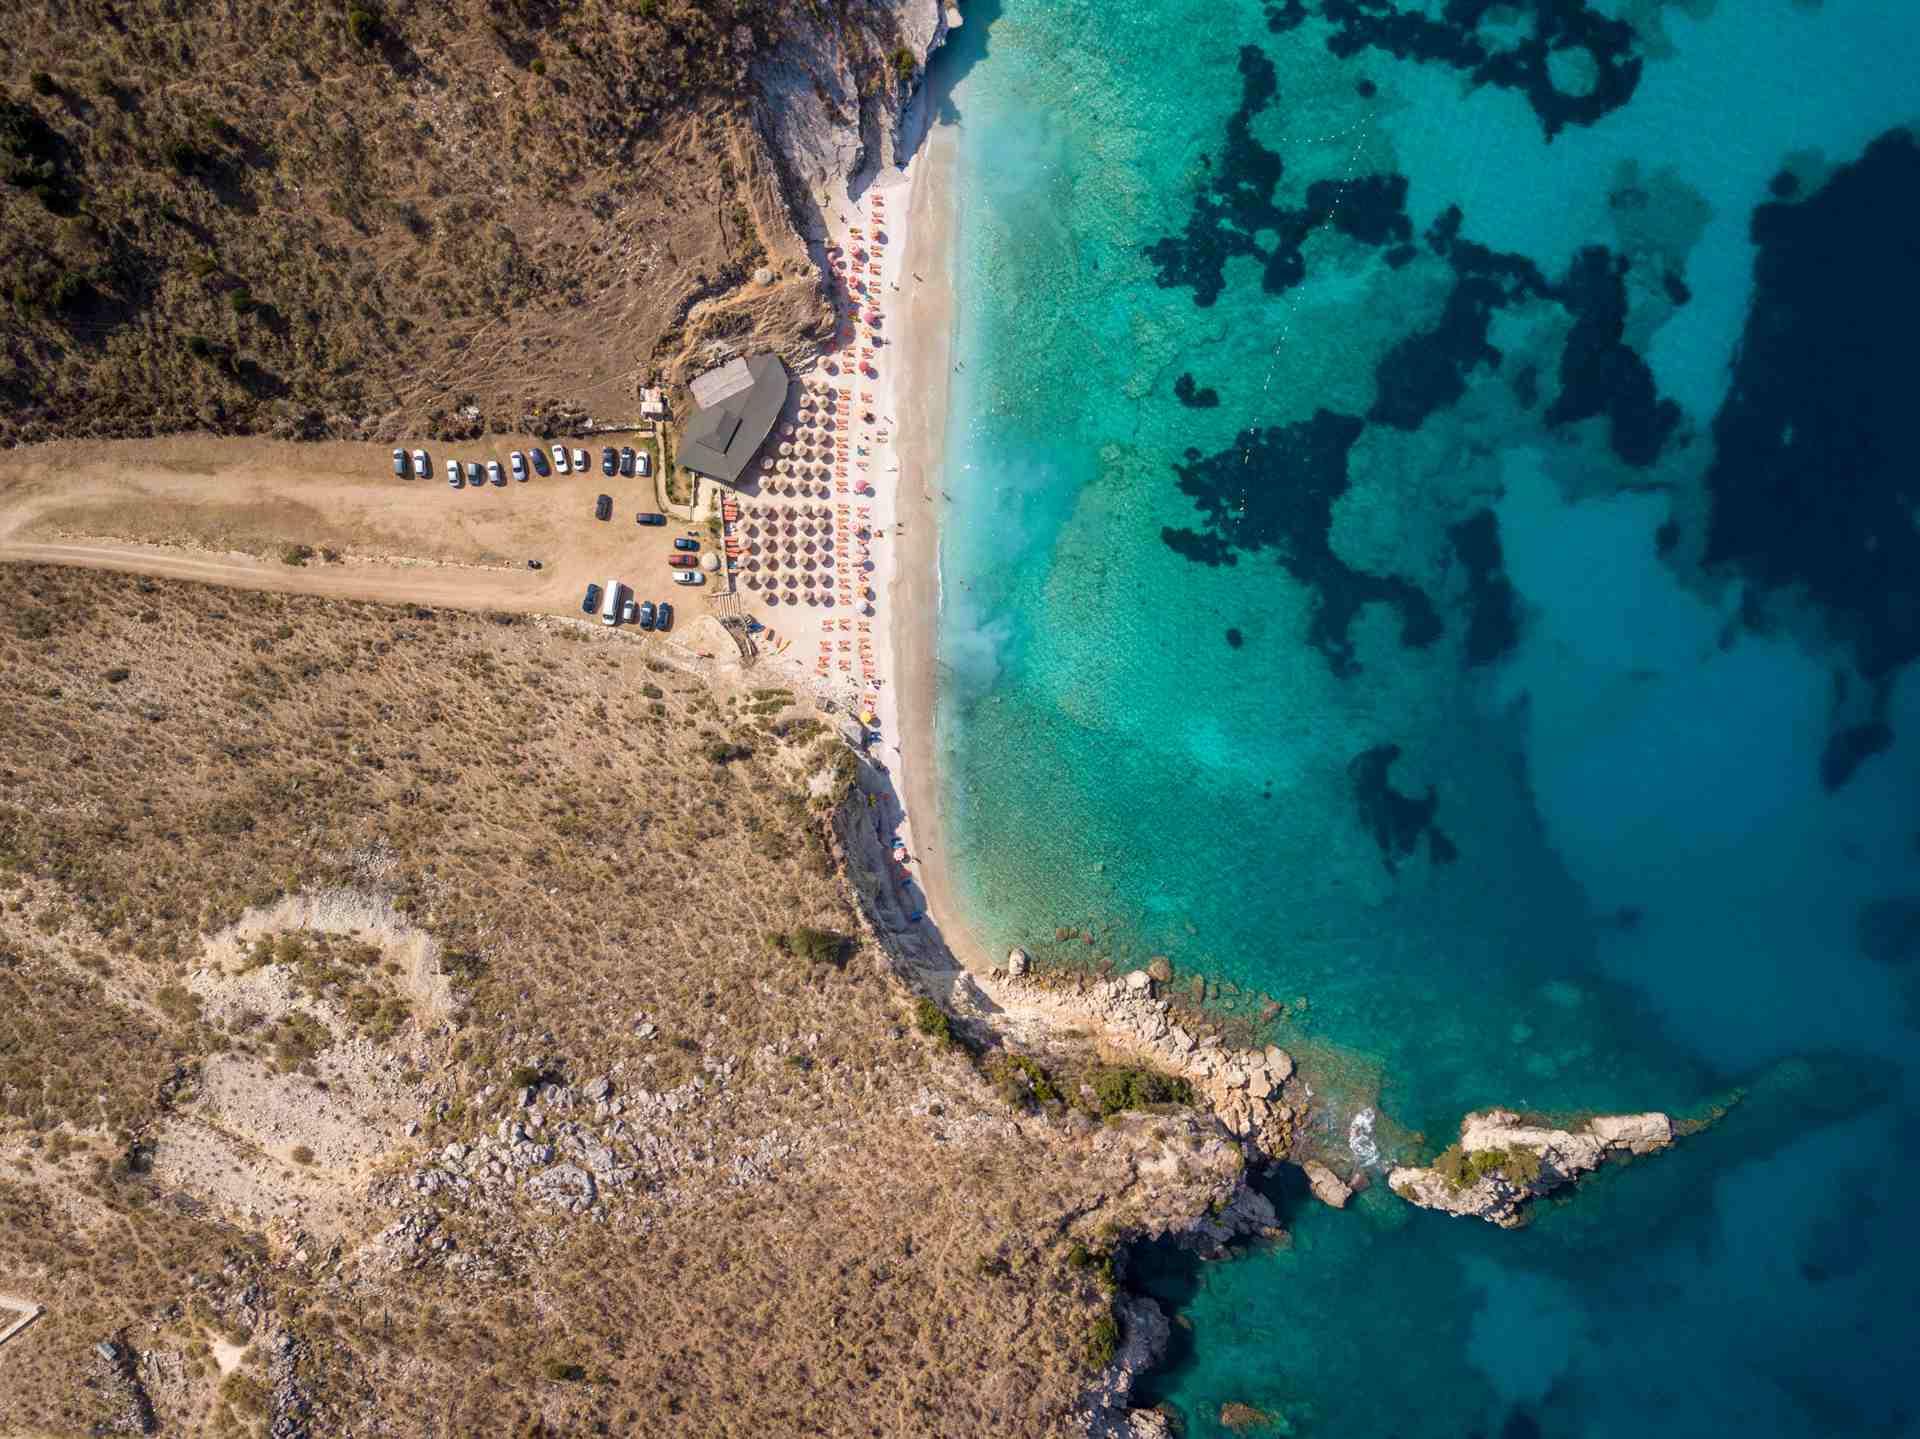 Soggiorni in Albania | Vacanze 2020 a Saranda e Ksamil ...